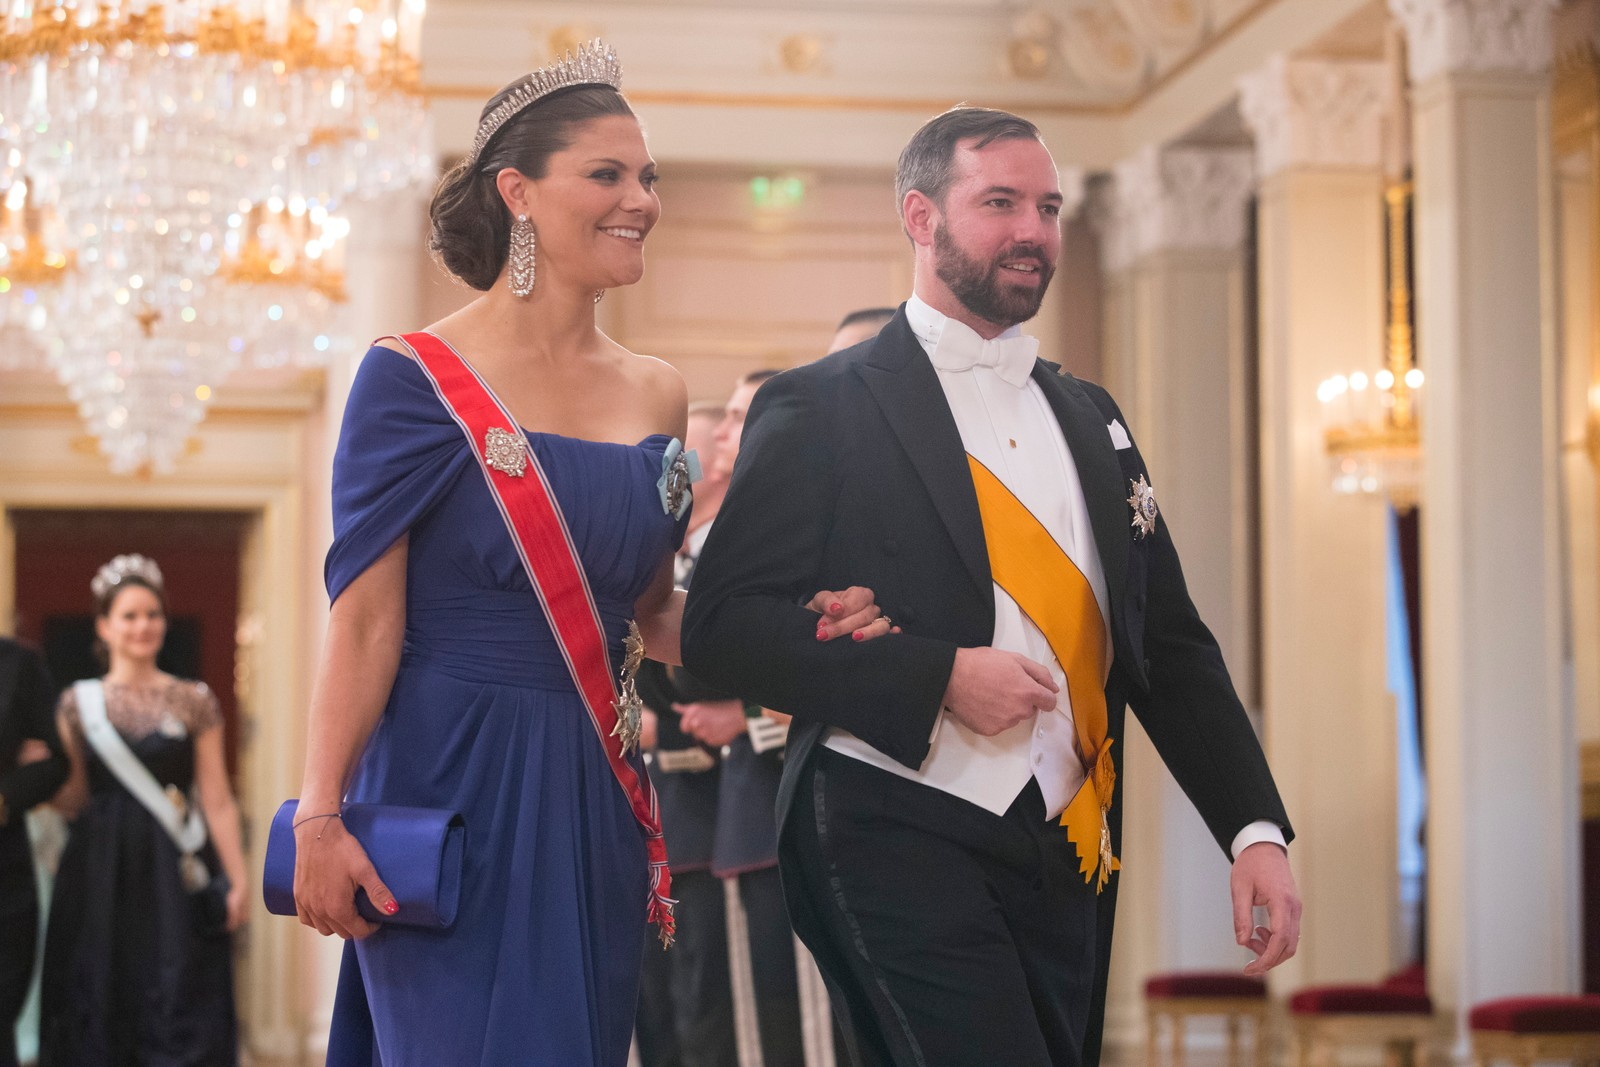 Gallamiddag på Slottet i anledning kongeparets 80-årsfeiring. Arvestorhertug Guillaume av Luxembourg og kronprinsesse Victoria av Sverige på vei inn til gallamiddag i anledning kongeparets 80-årsfeiring. POOL.